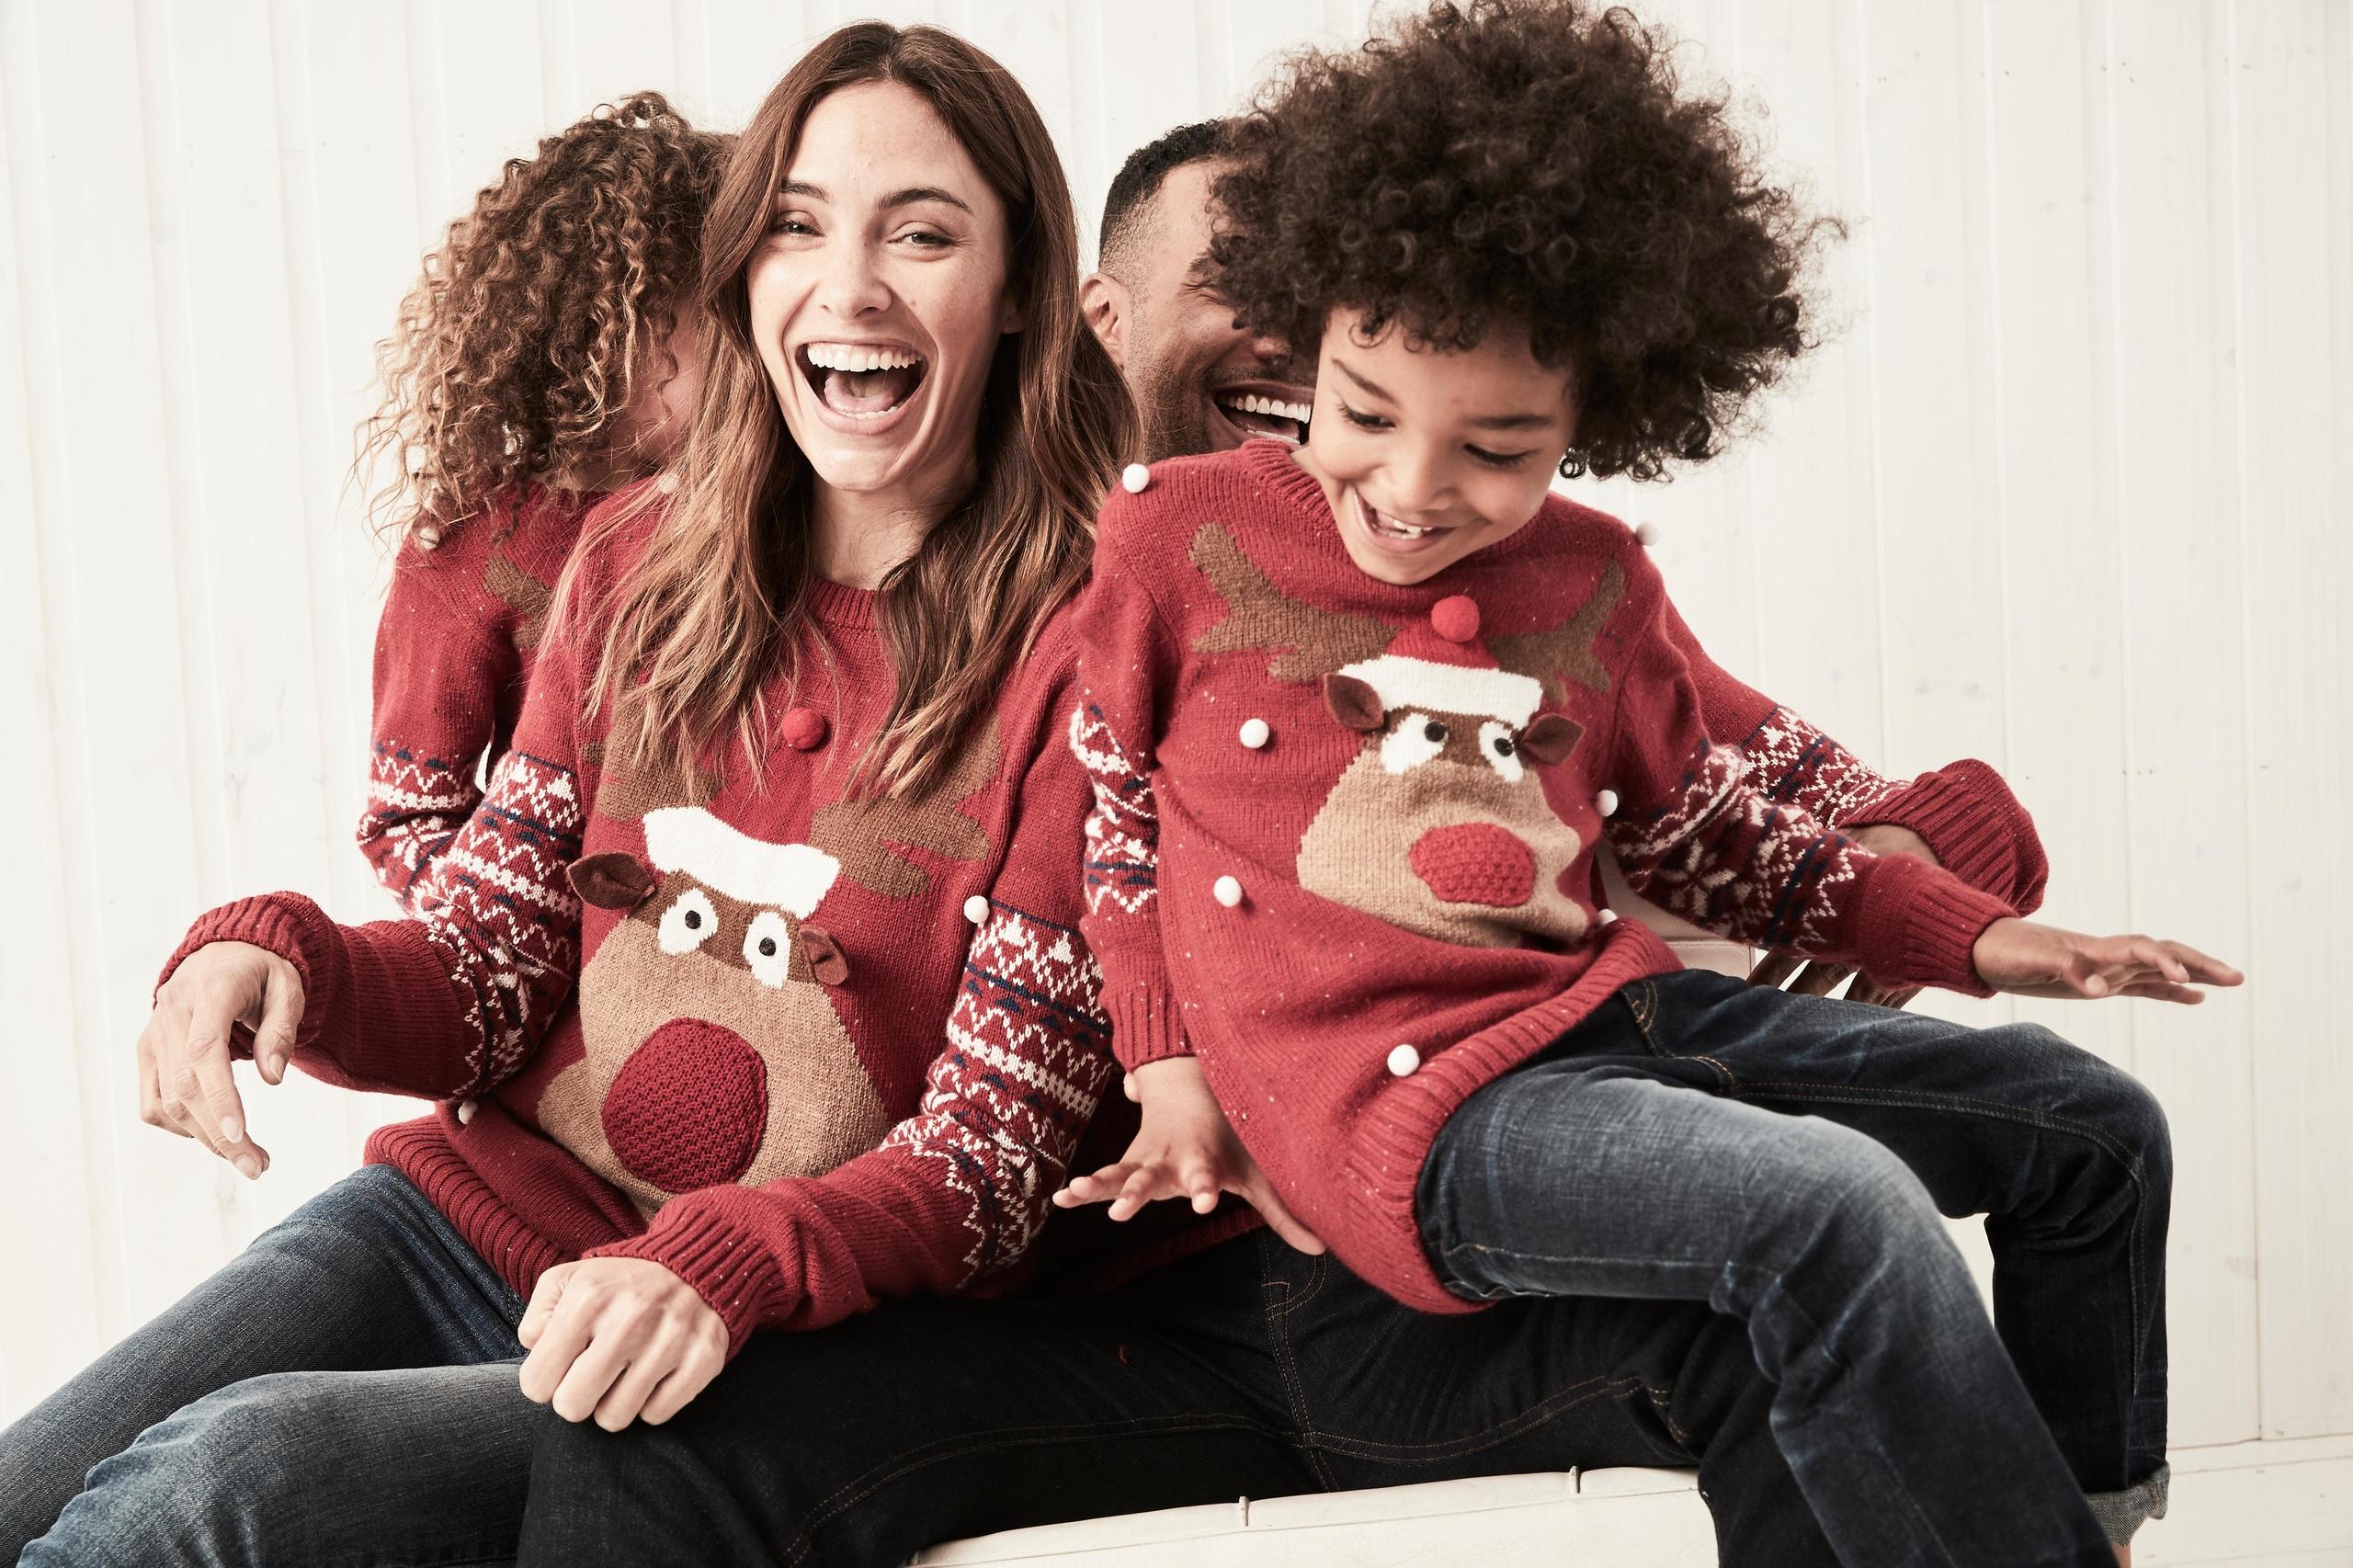 de1de8c372b0 Так же, можно организовать строгий Family look, который походит для пар без  детей, хотя молодые мамы тоже часто выбирают такой стиль.